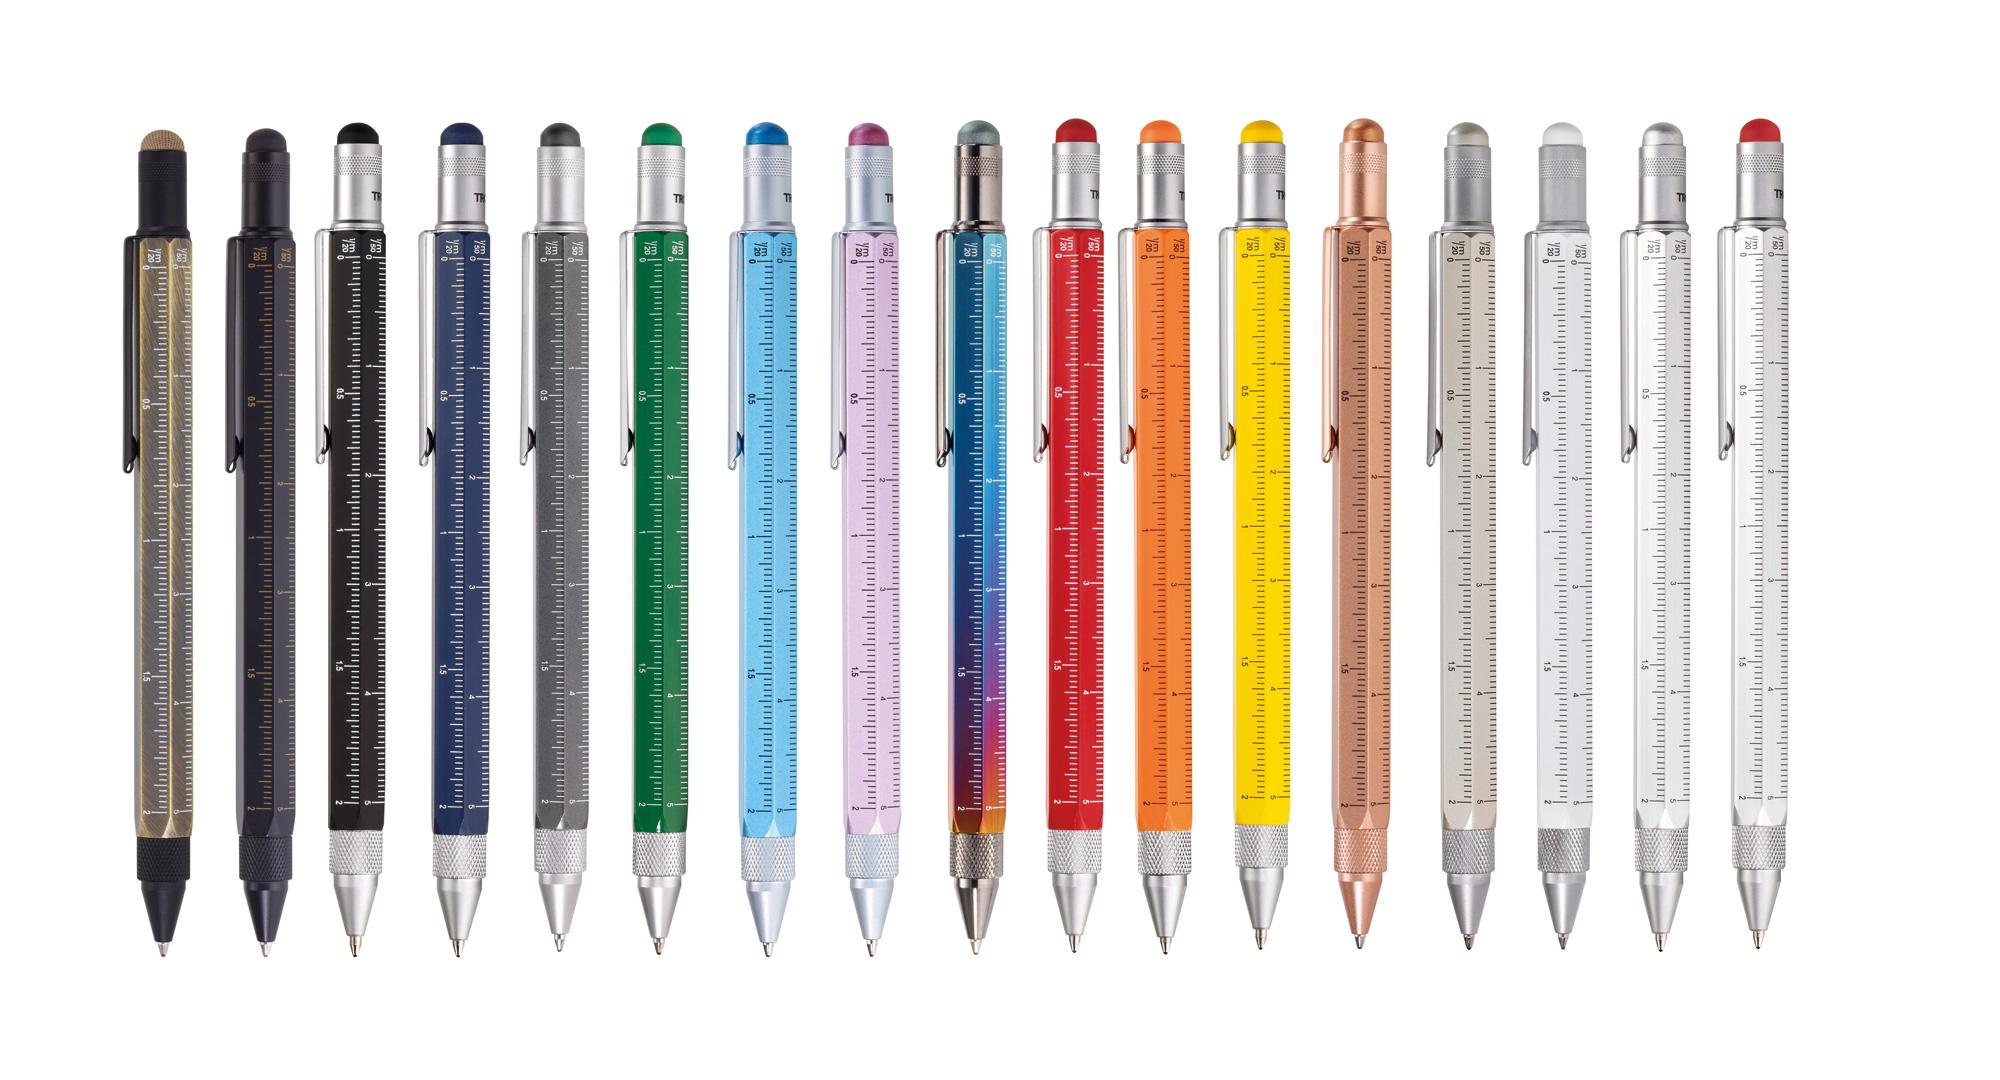 Multitasking Kugelschreiber in vielen verschiedenen Farben (blau, rot, grün, gelb, schwarz, grau, weiß, orange)